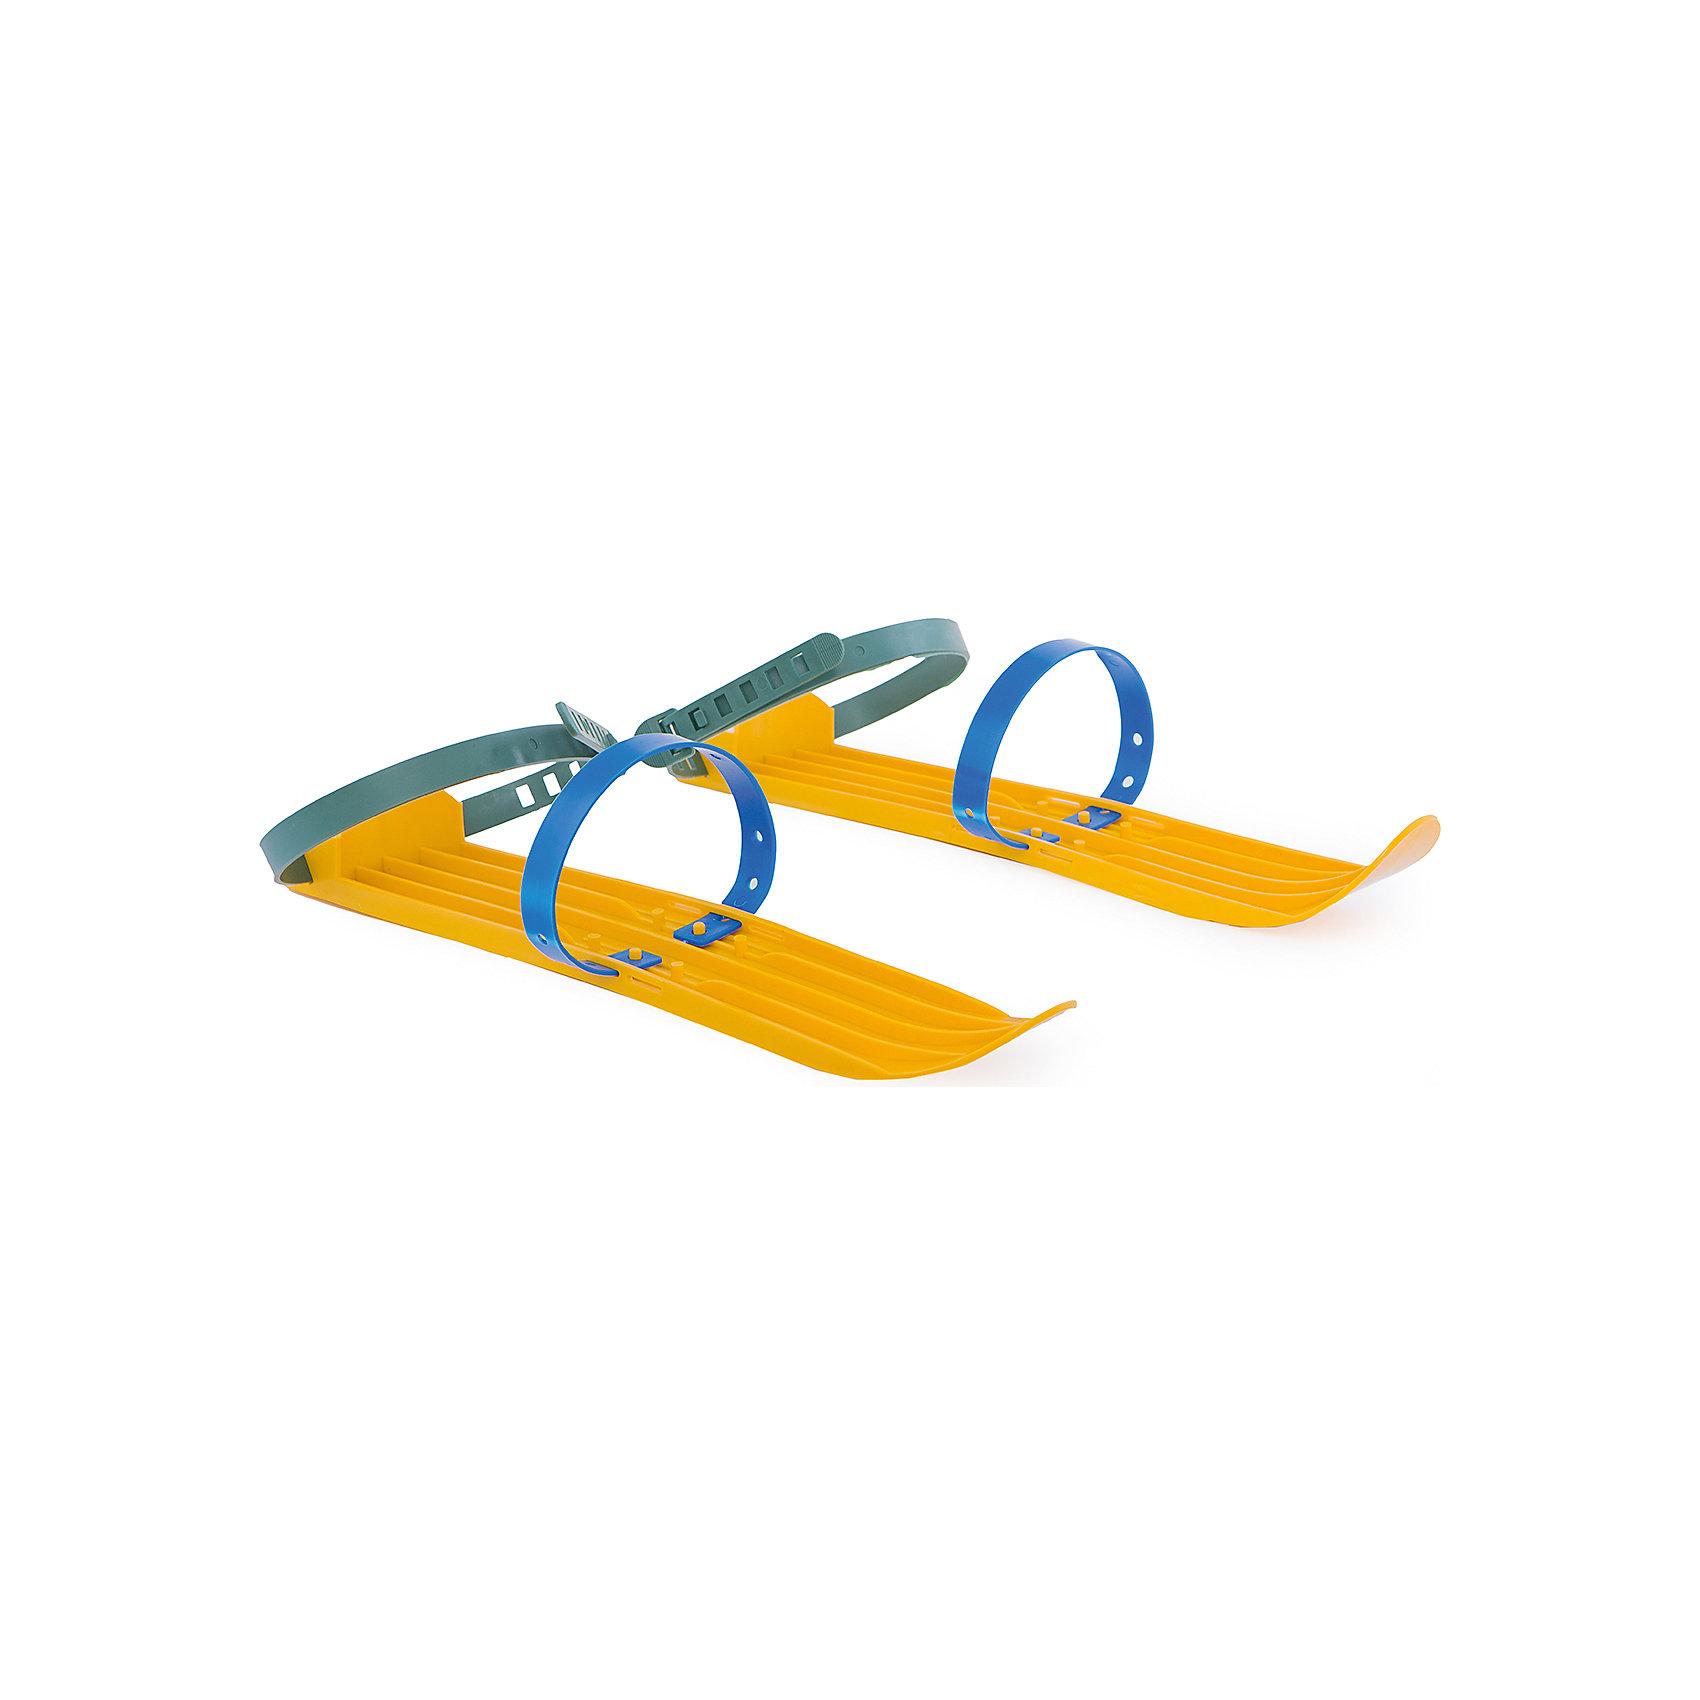 Мини-лыжи малые, жёлтыеМини-лыжи малые, жёлтые.<br><br>Характеристики:<br><br>• Размер упаковки – 40,5х4,5х7,5 см.<br>• Вес: 350 г.<br>• Материал: пластик.<br>• Цвет: желтый.<br><br>Катание на лыжах – коротышках одна из веселых зимних забав! К тому же, это прекрасная закалка и тренировка! Лыжи выполнены из прочного пластика и надёжно крепятся к ноге с помощью двух регулируемых ремешков. Яркий желтый цвет привлечет внимание вашего ребенка. С мини-лыжами зимние прогулки станут еще  насыщеннее и веселее! <br><br>Мини-лыжи малые, жёлтые, можно купить в нашем интернет – магазине.<br><br>Ширина мм: 405<br>Глубина мм: 45<br>Высота мм: 75<br>Вес г: 350<br>Цвет: желтый<br>Возраст от месяцев: 36<br>Возраст до месяцев: 2147483647<br>Пол: Унисекс<br>Возраст: Детский<br>SKU: 5167847